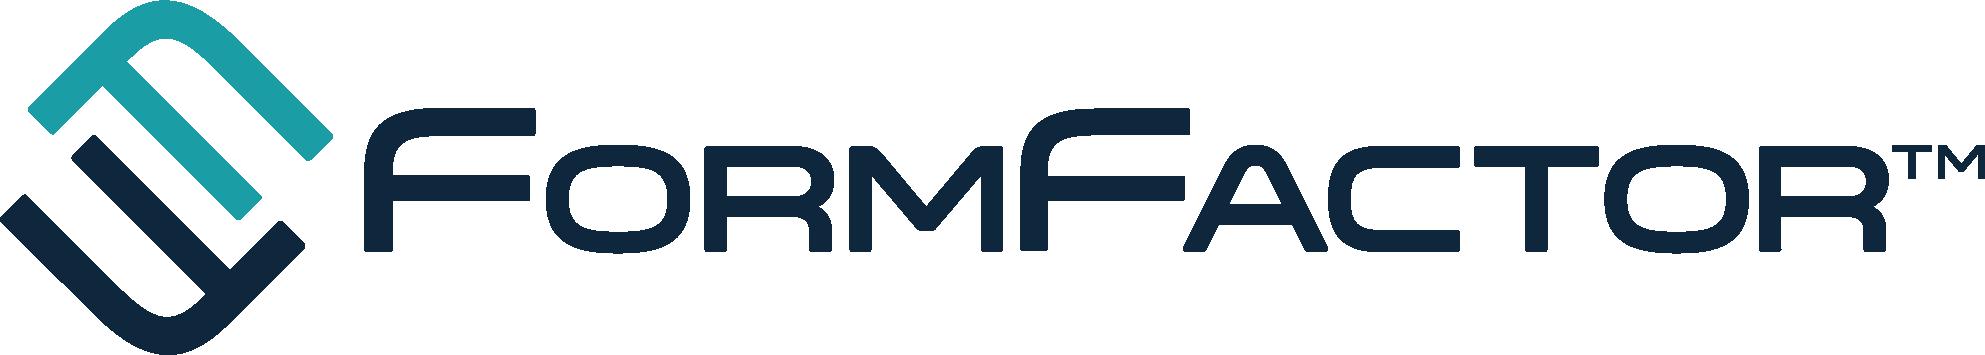 FormFactor GmbH